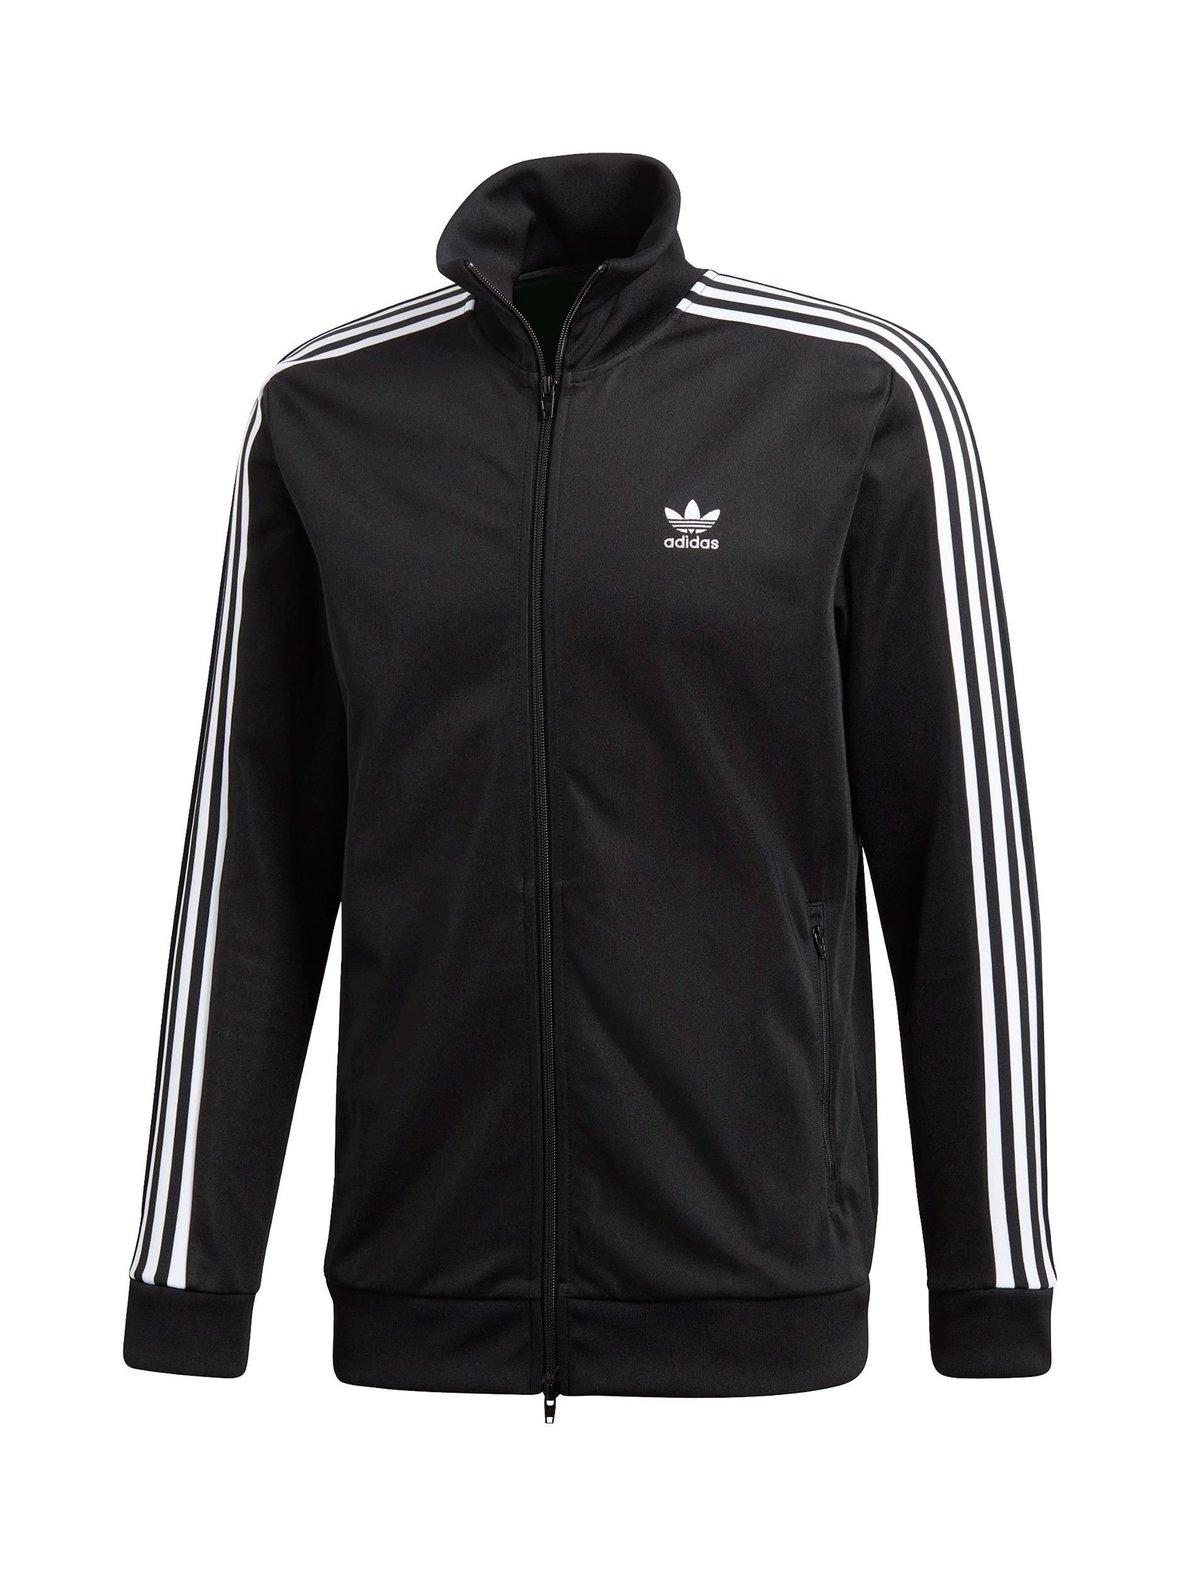 Black Adidas Originals Beckenbauer Track -takki CW1250  c23a925358